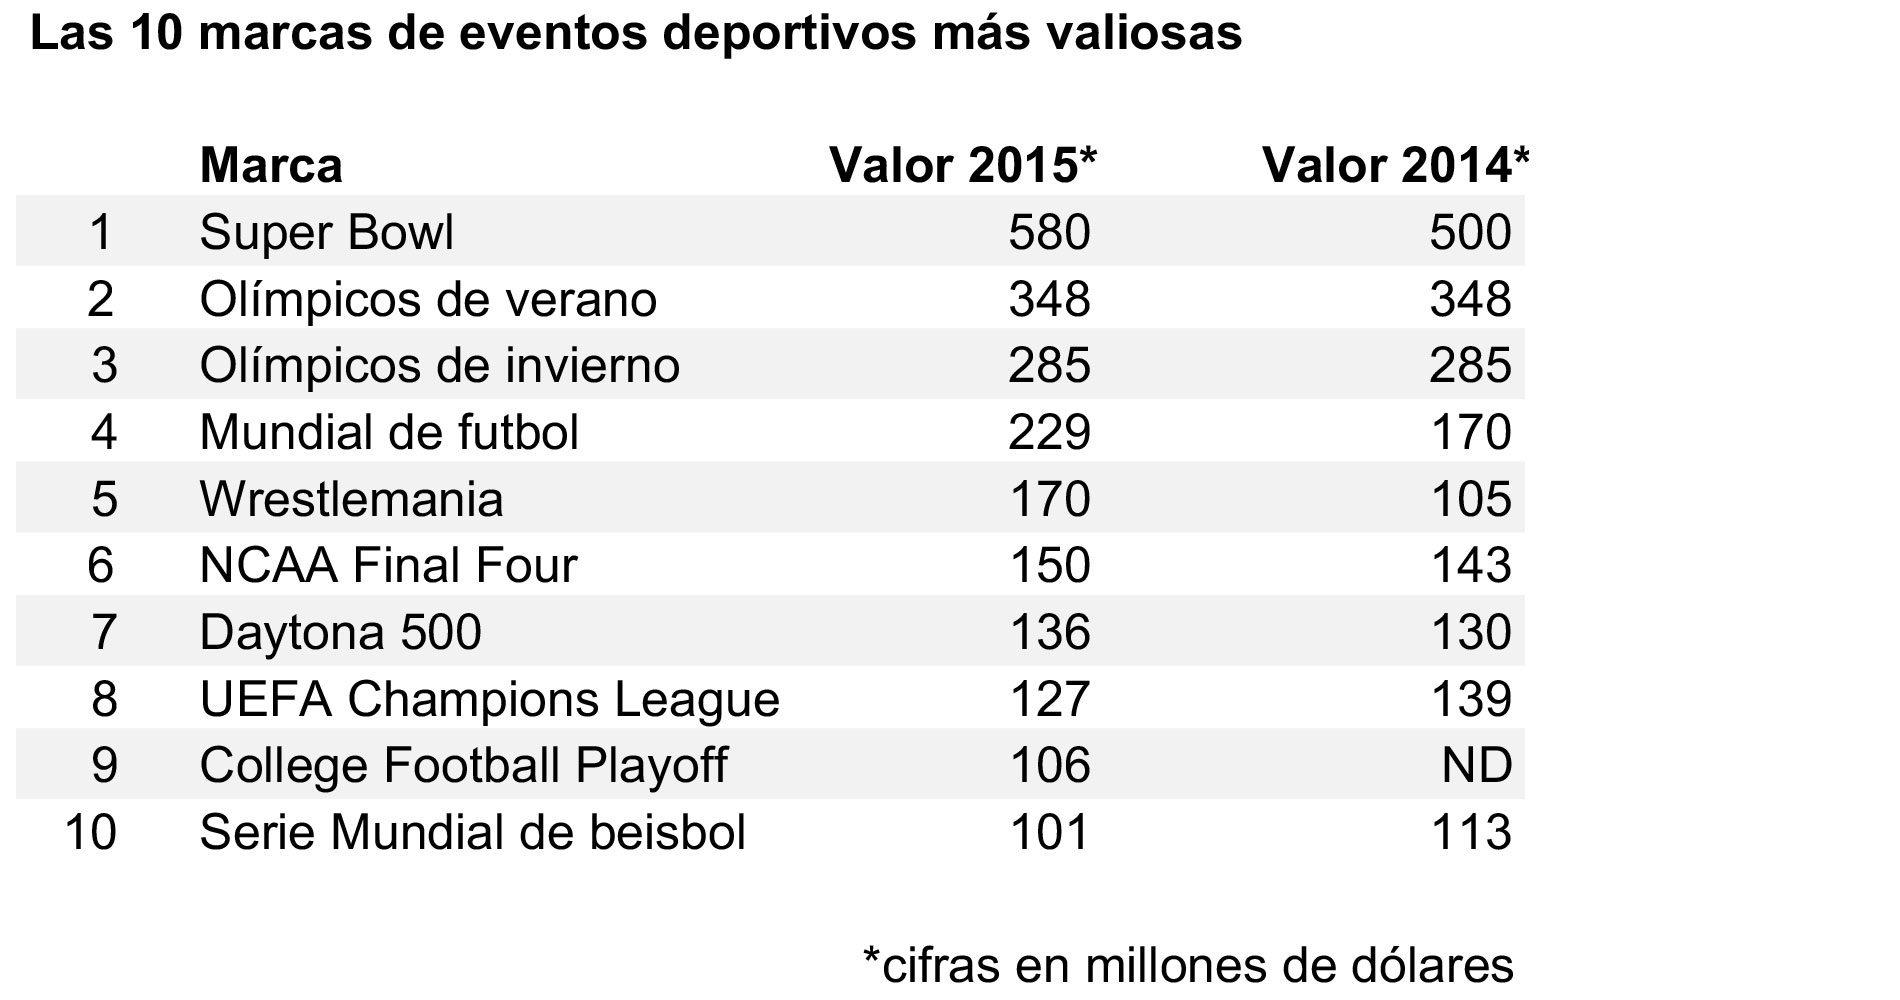 e9c71381a36 Las 40 marcas deportivas más valiosas del mundo • Forbes México